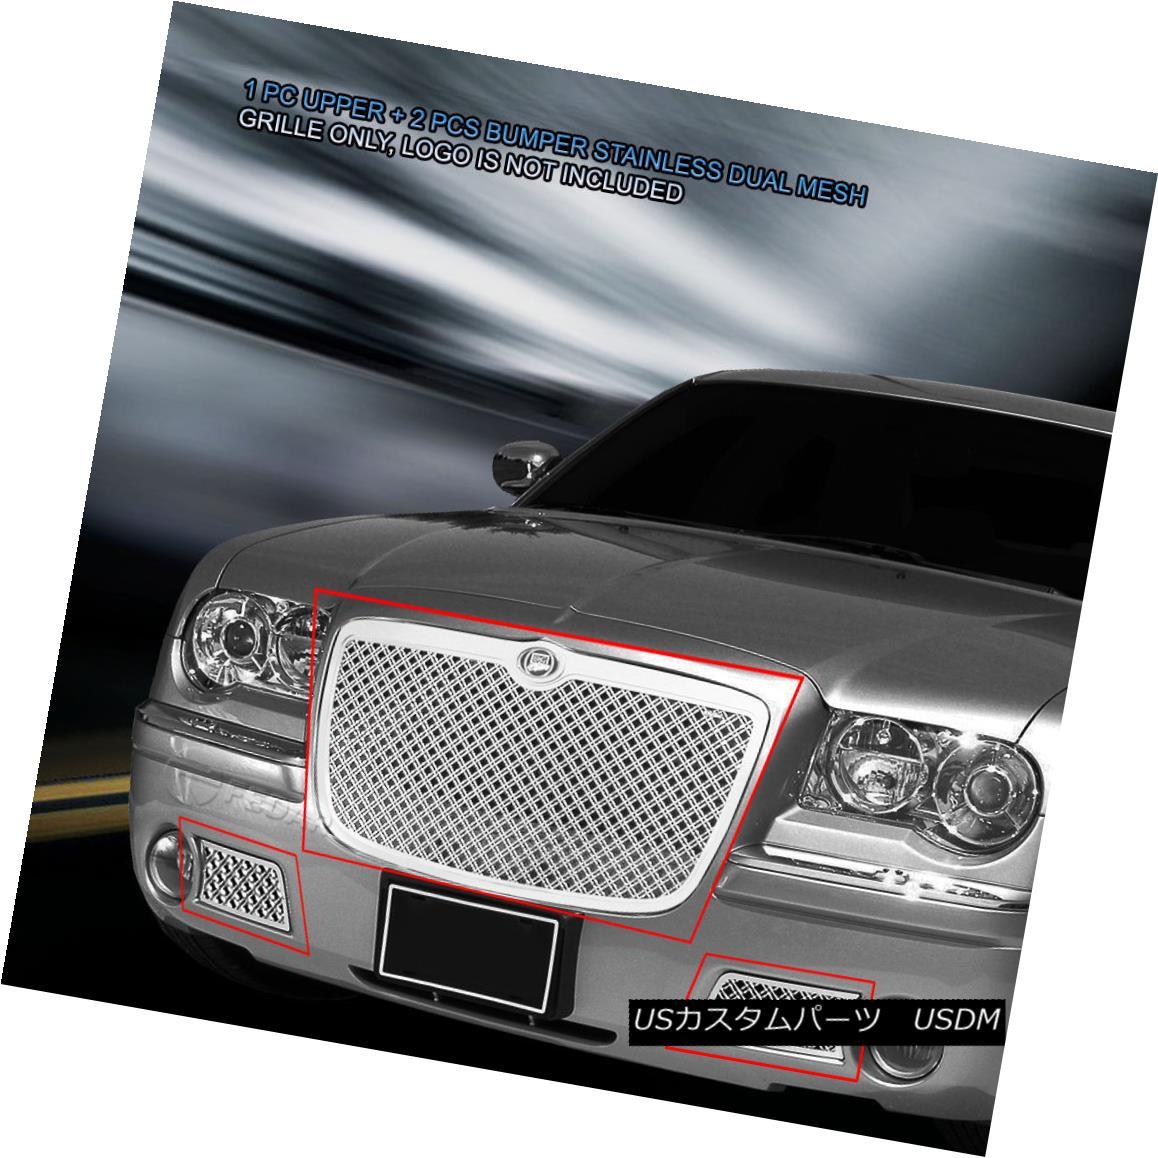 グリル Fedar for 05-10 Chrysler 300/300C Stainless Steel Dual Mesh Grille Insert フェラー、05-10クライスラー300 / 300Cステンレススチールデュアルメッシュグリルインサート